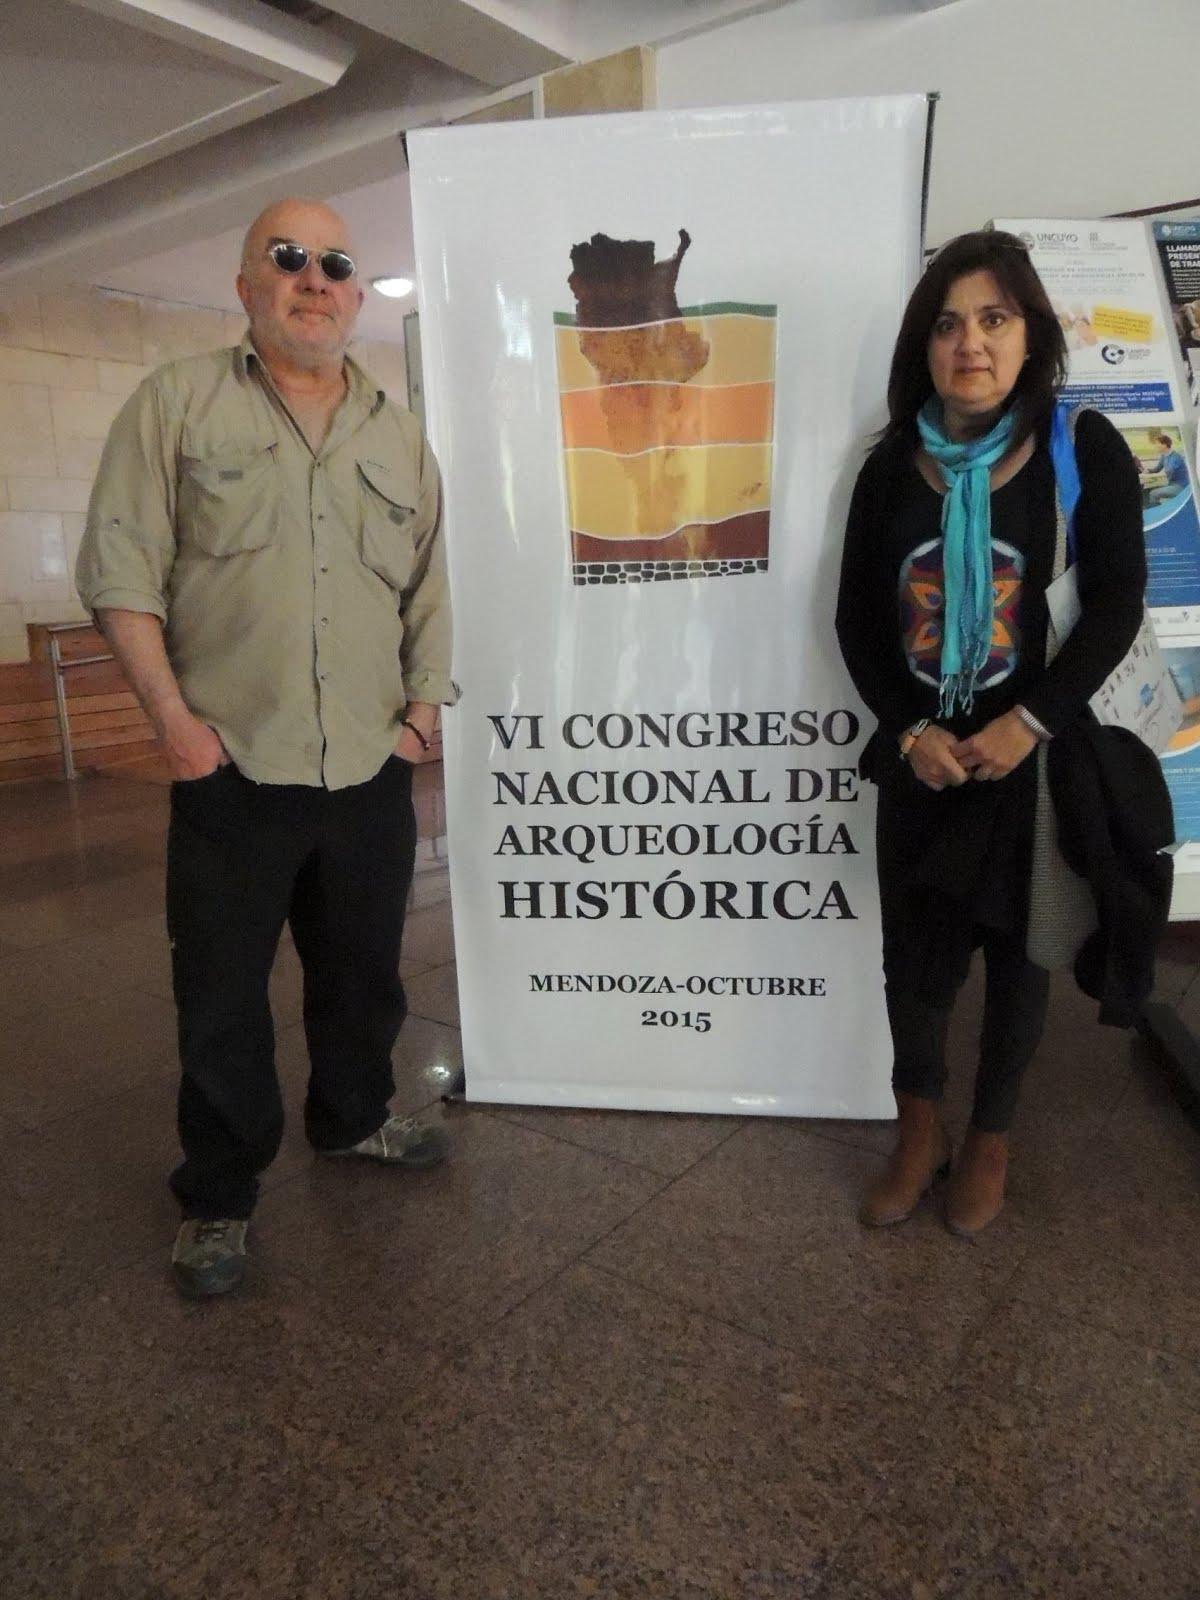 2015. VI CONGRESO ARGENTINO DE ARQUEOLOGIA HISTORICA